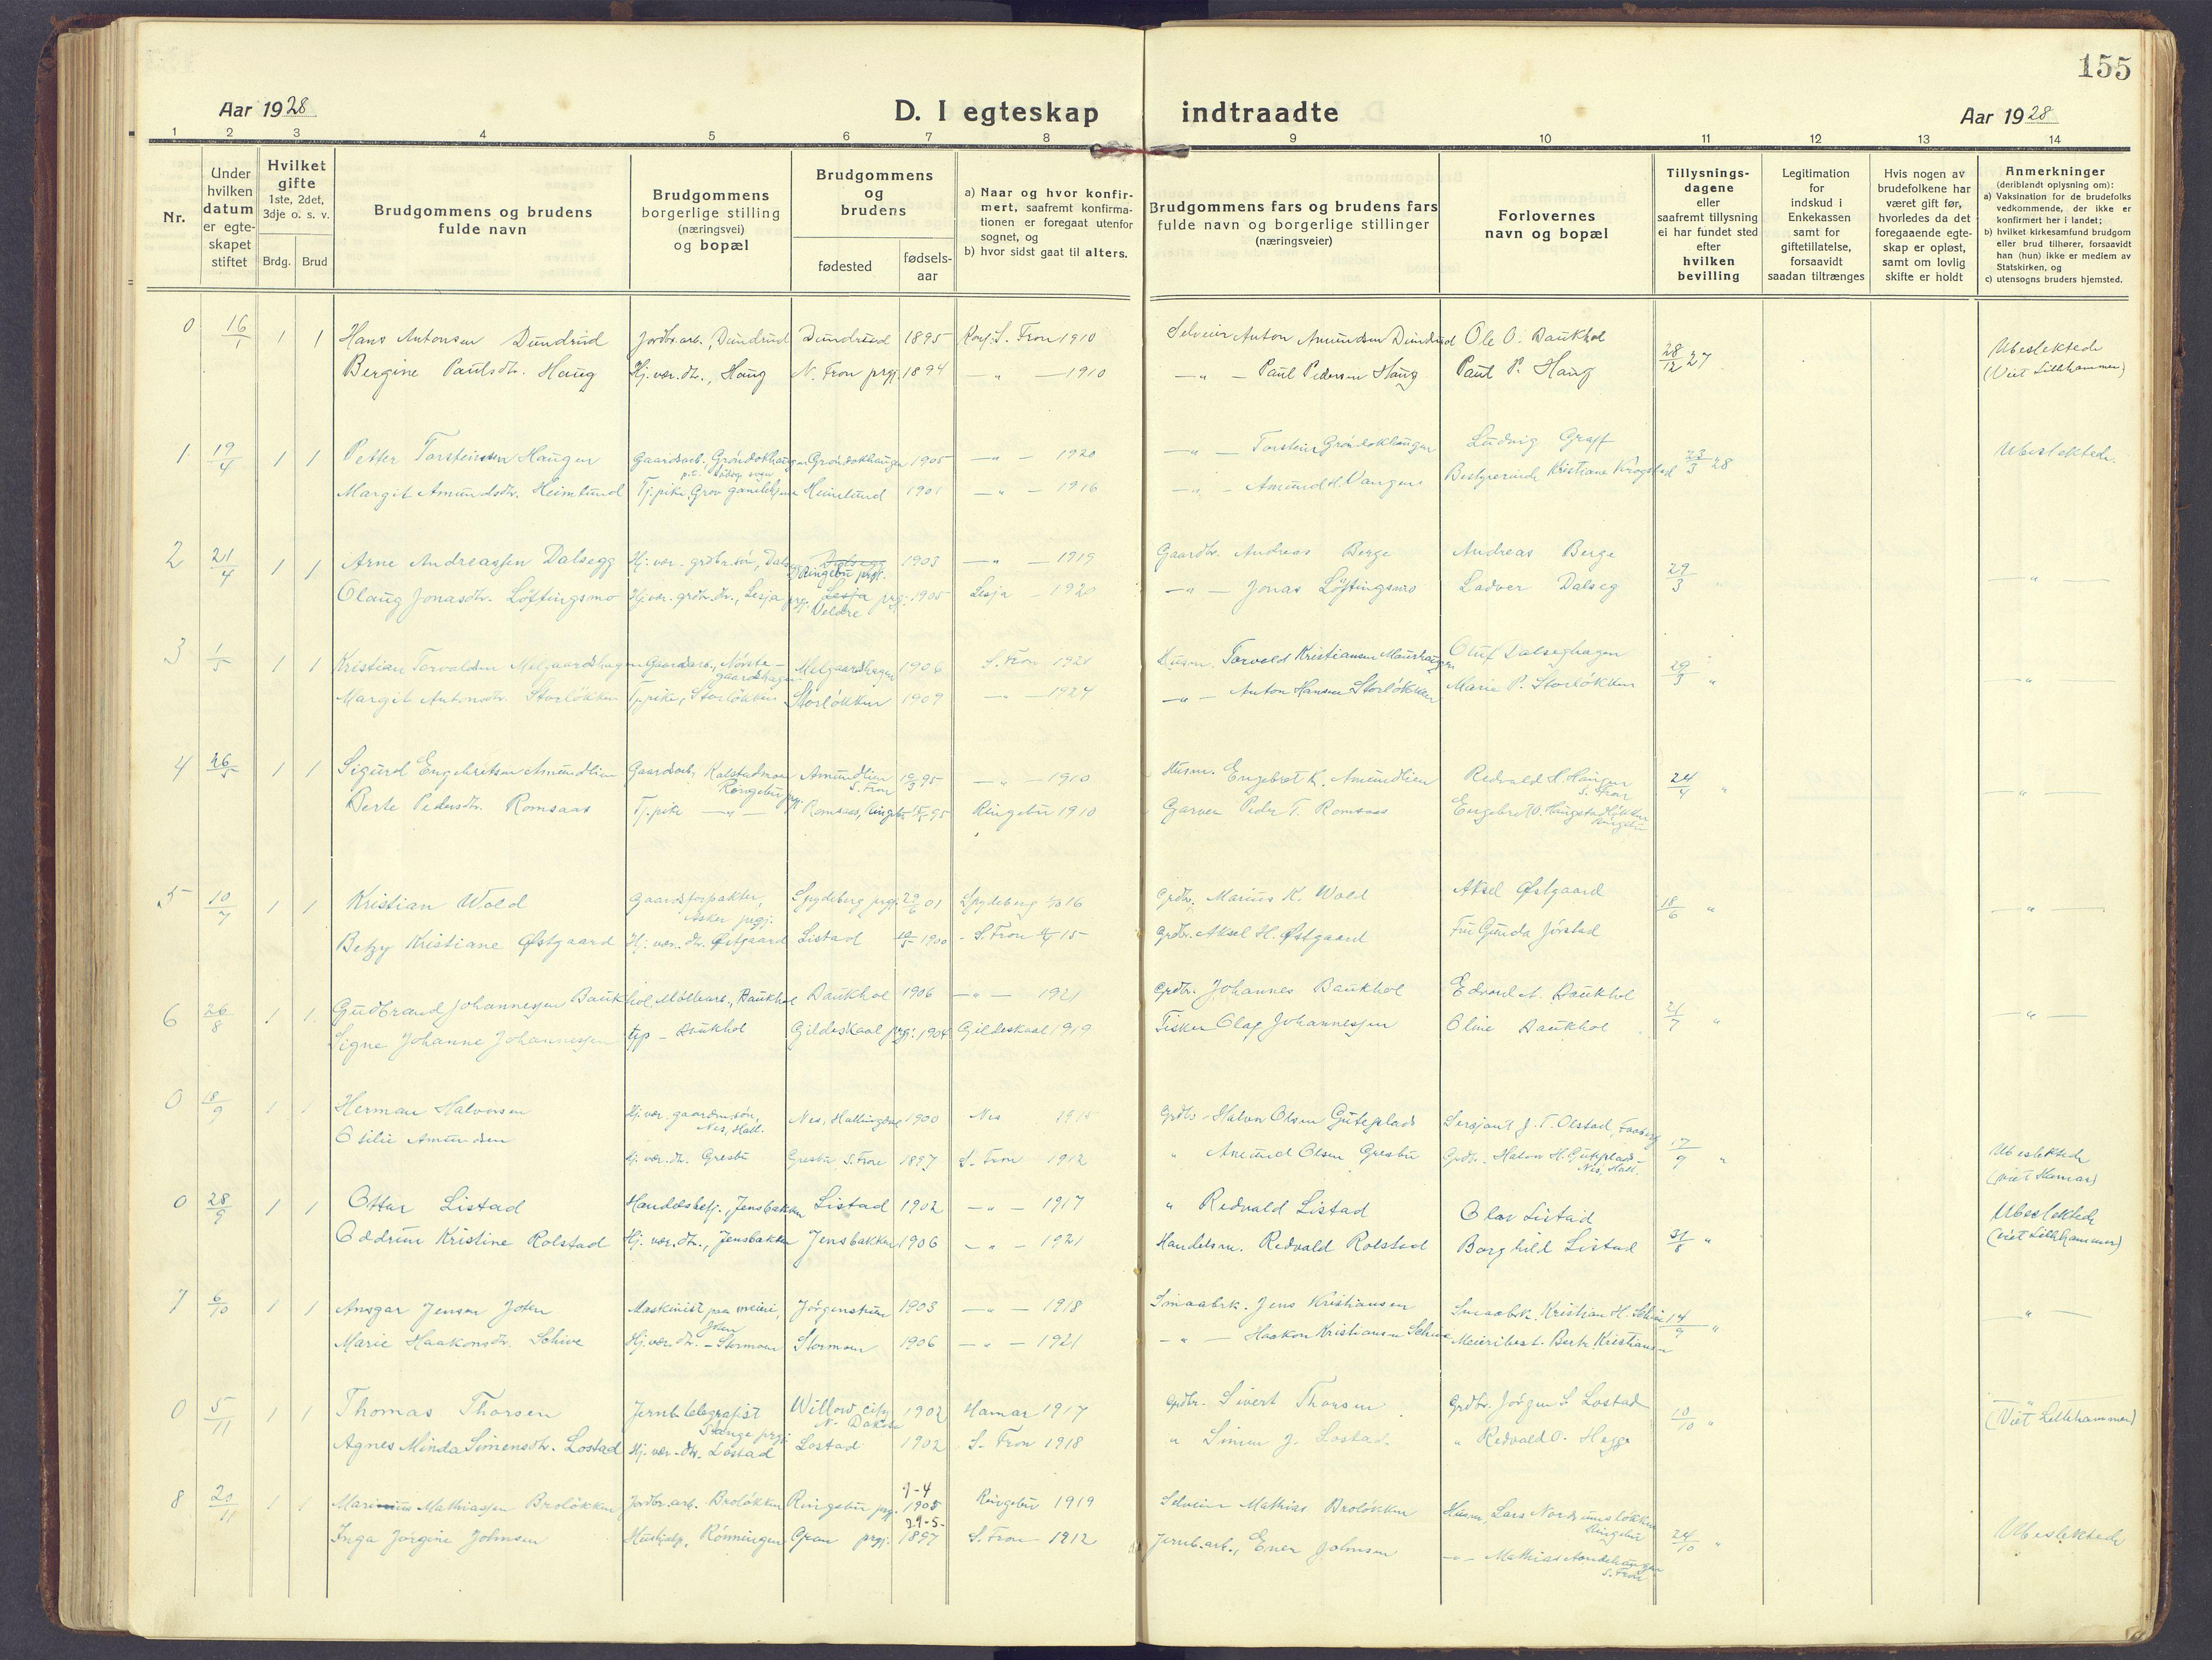 SAH, Sør-Fron prestekontor, H/Ha/Haa/L0005: Ministerialbok nr. 5, 1920-1933, s. 155